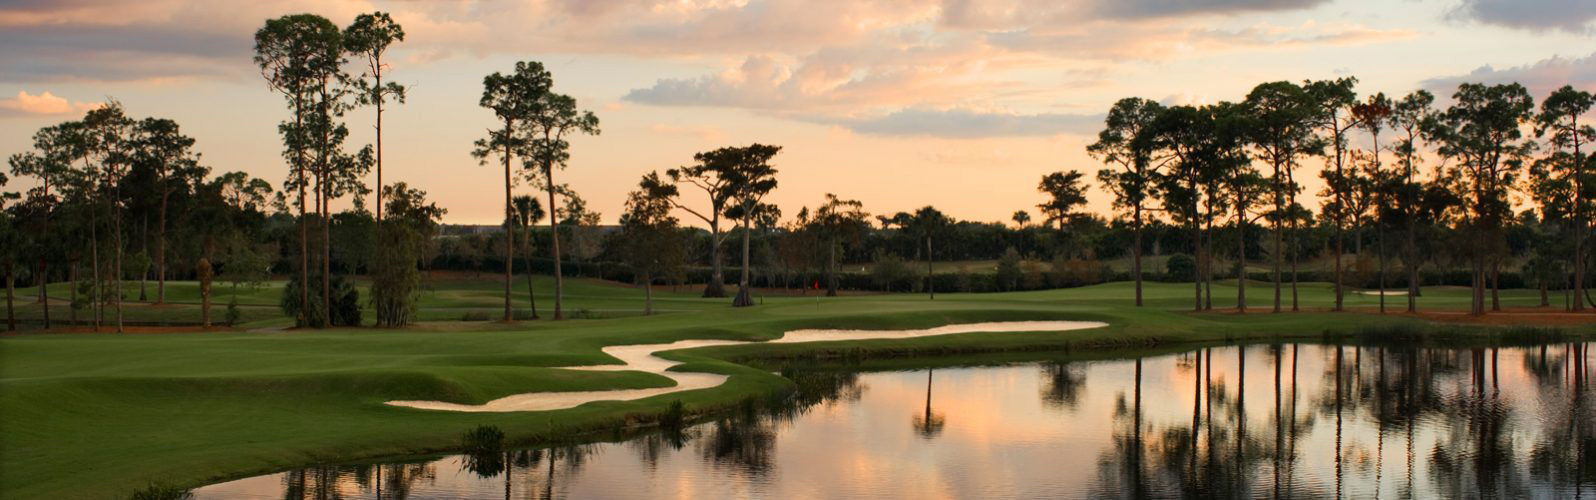 Naples Grande Golf Club - Naples Golf Holes